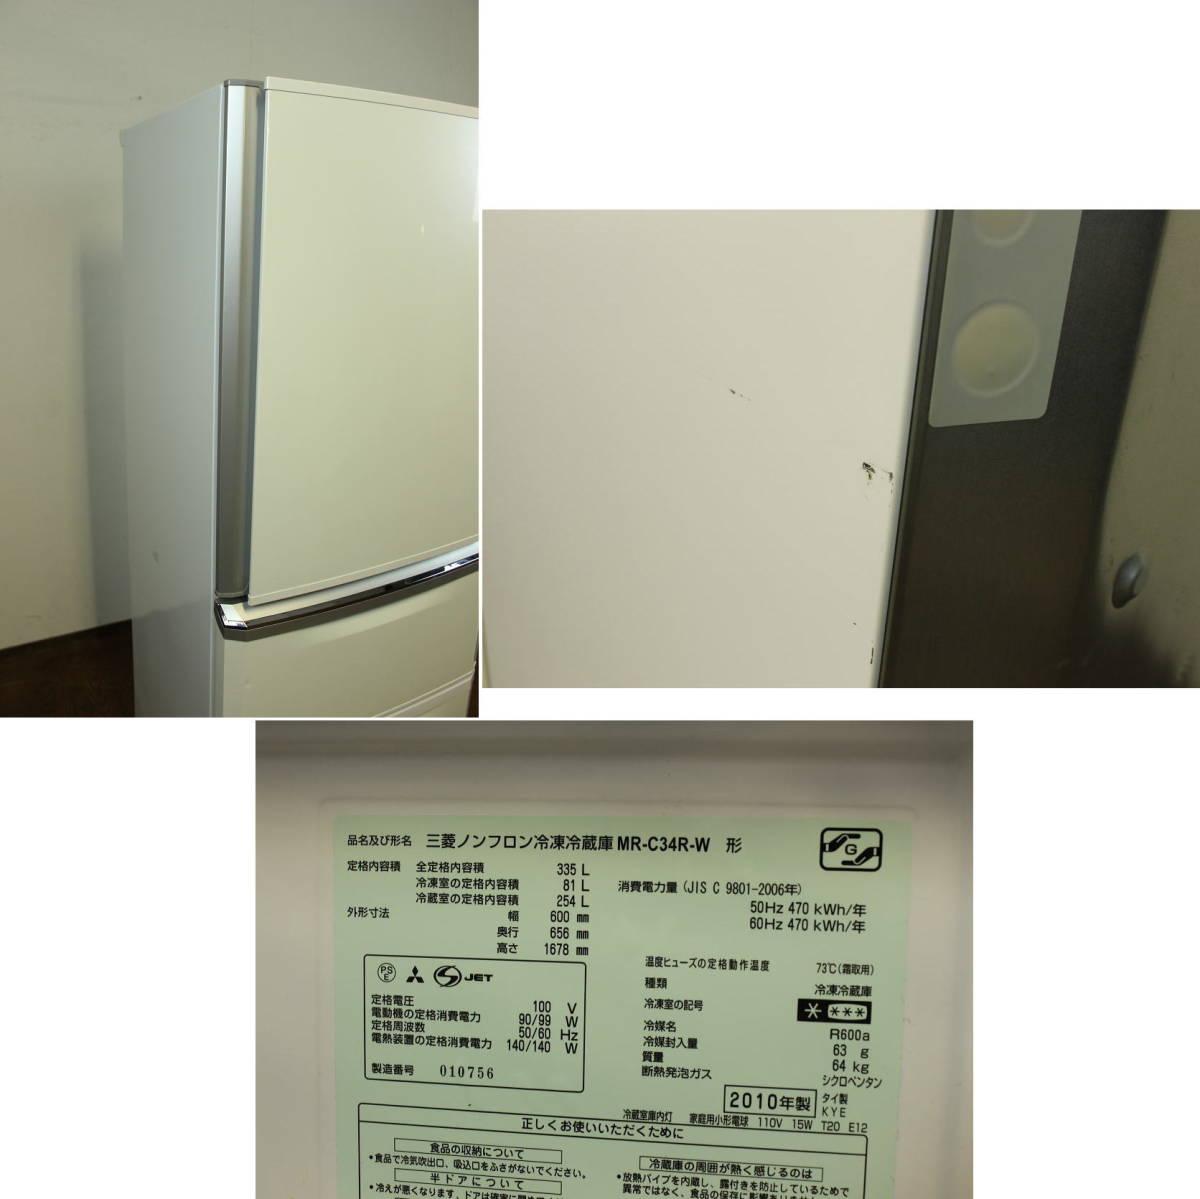 三菱 3ドア ノンフロン冷凍冷蔵庫 MR-C34W 白 340L ホワイト中古 自動製氷 大型 大きめ 家庭用 右開き_画像4